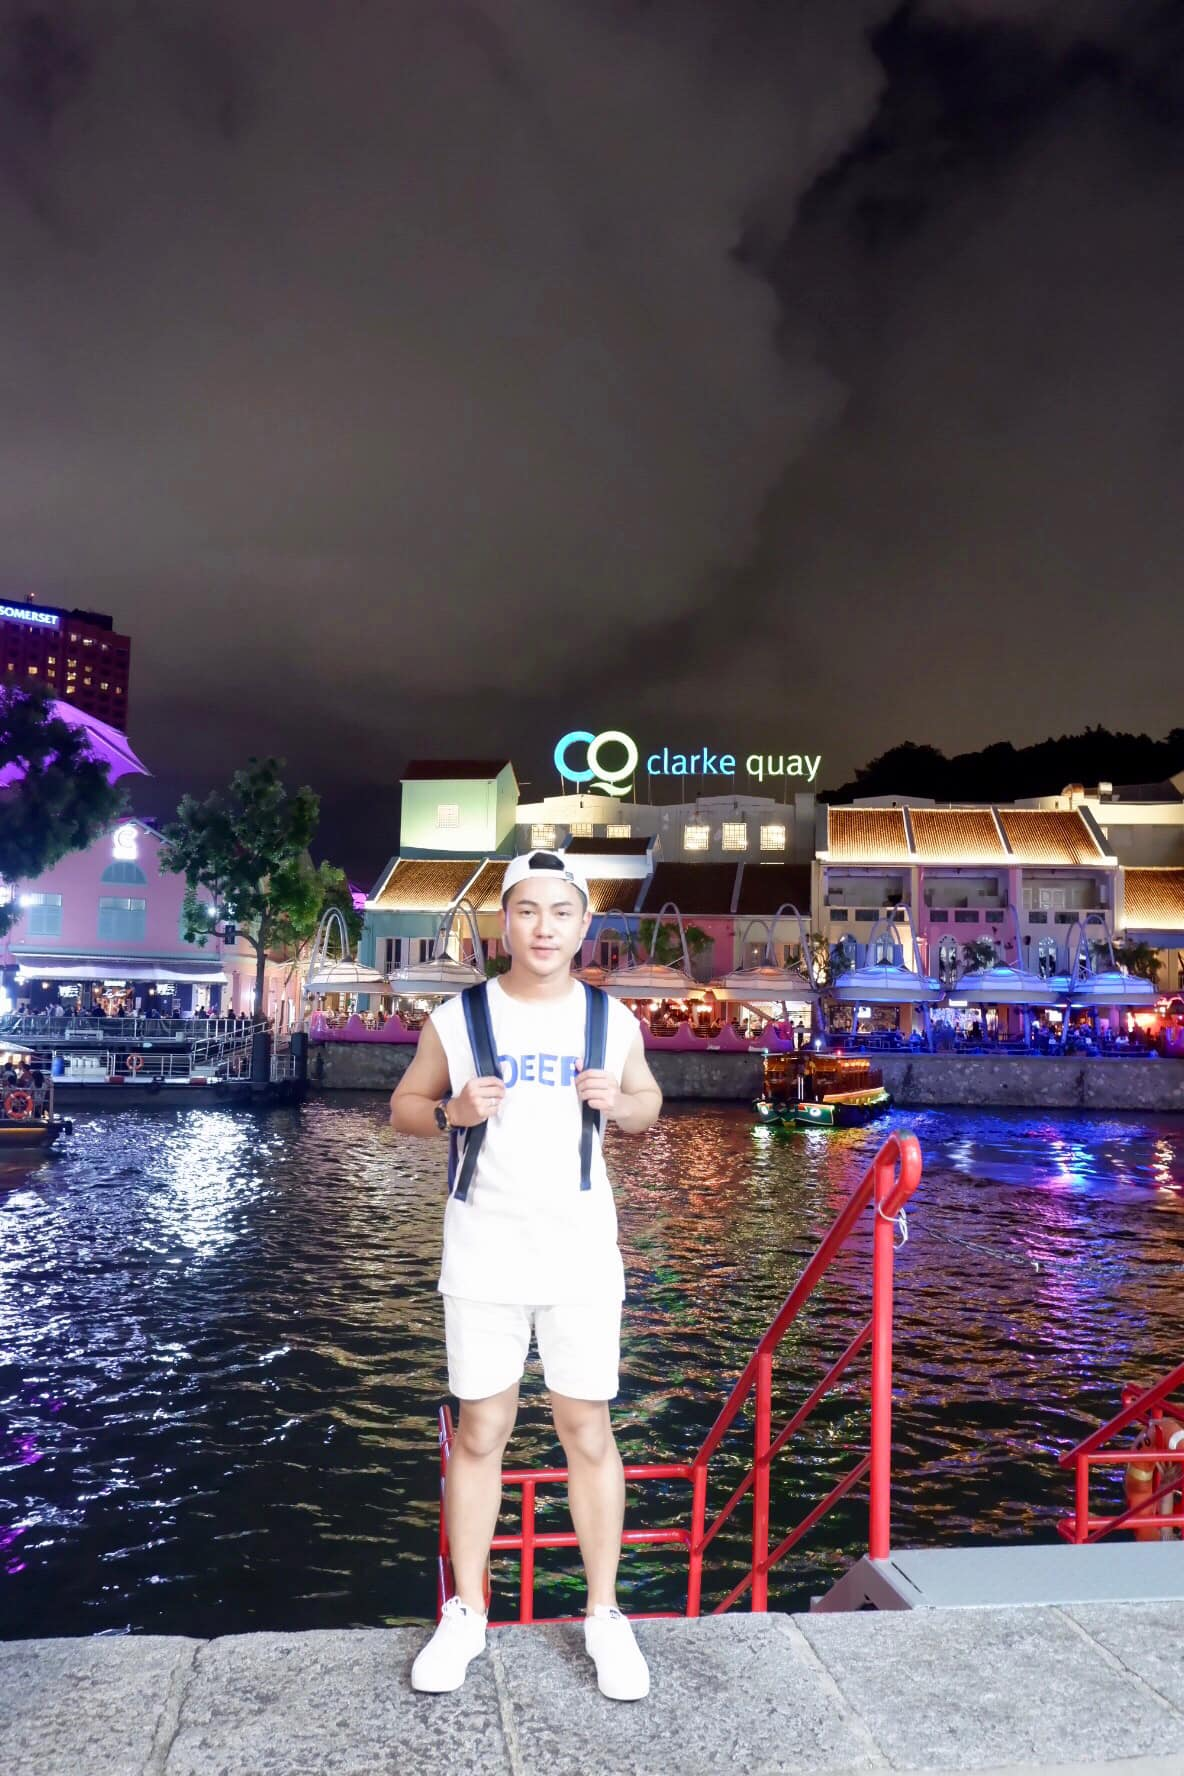 singapore_choi-gi-o-clarke-quay-02